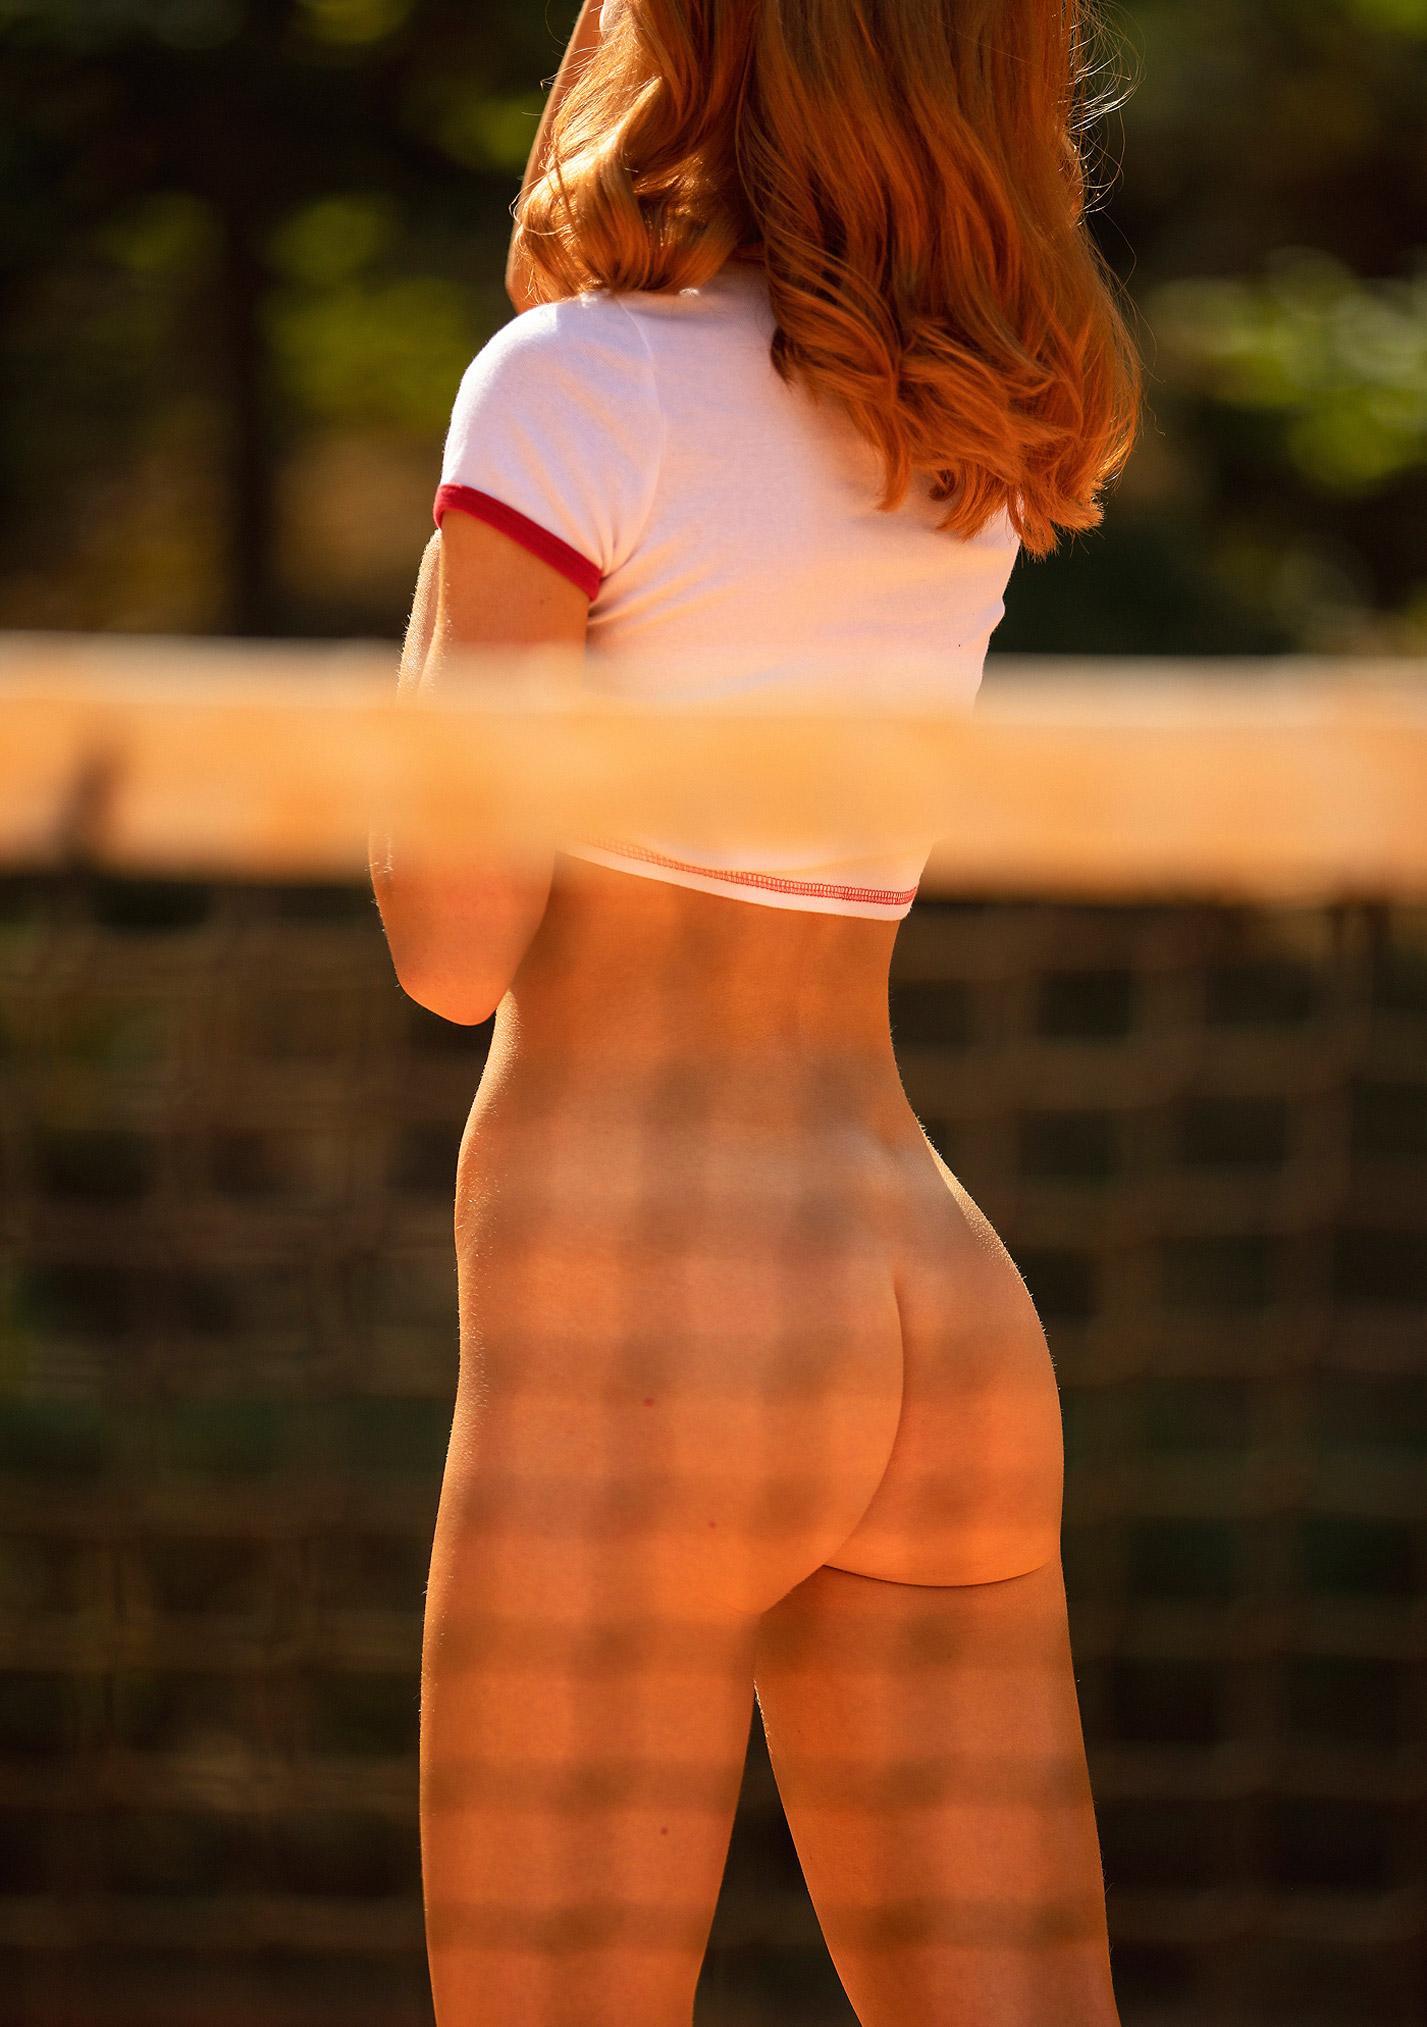 звезда голландского Playboy Свенья ван дер Богарт голая играет в теннис / фото 18